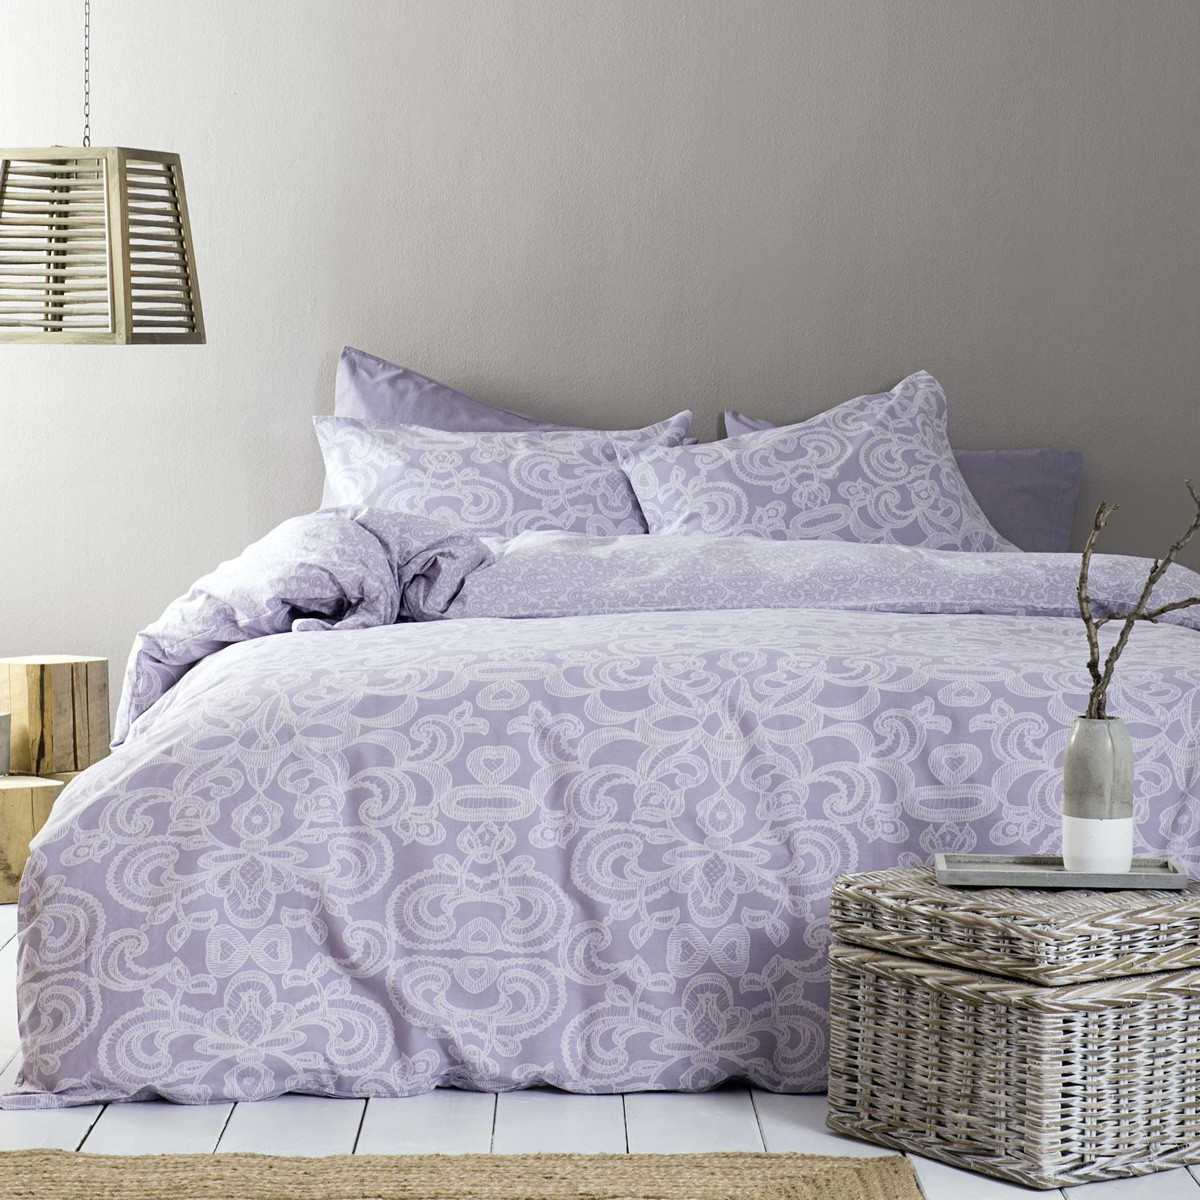 Σεντόνια Υπέρδιπλα (Σετ) Nima Bed Linen Edita Purple ΜΕ ΛΑΣΤΙΧΟ ΜΕ ΛΑΣΤΙΧΟ